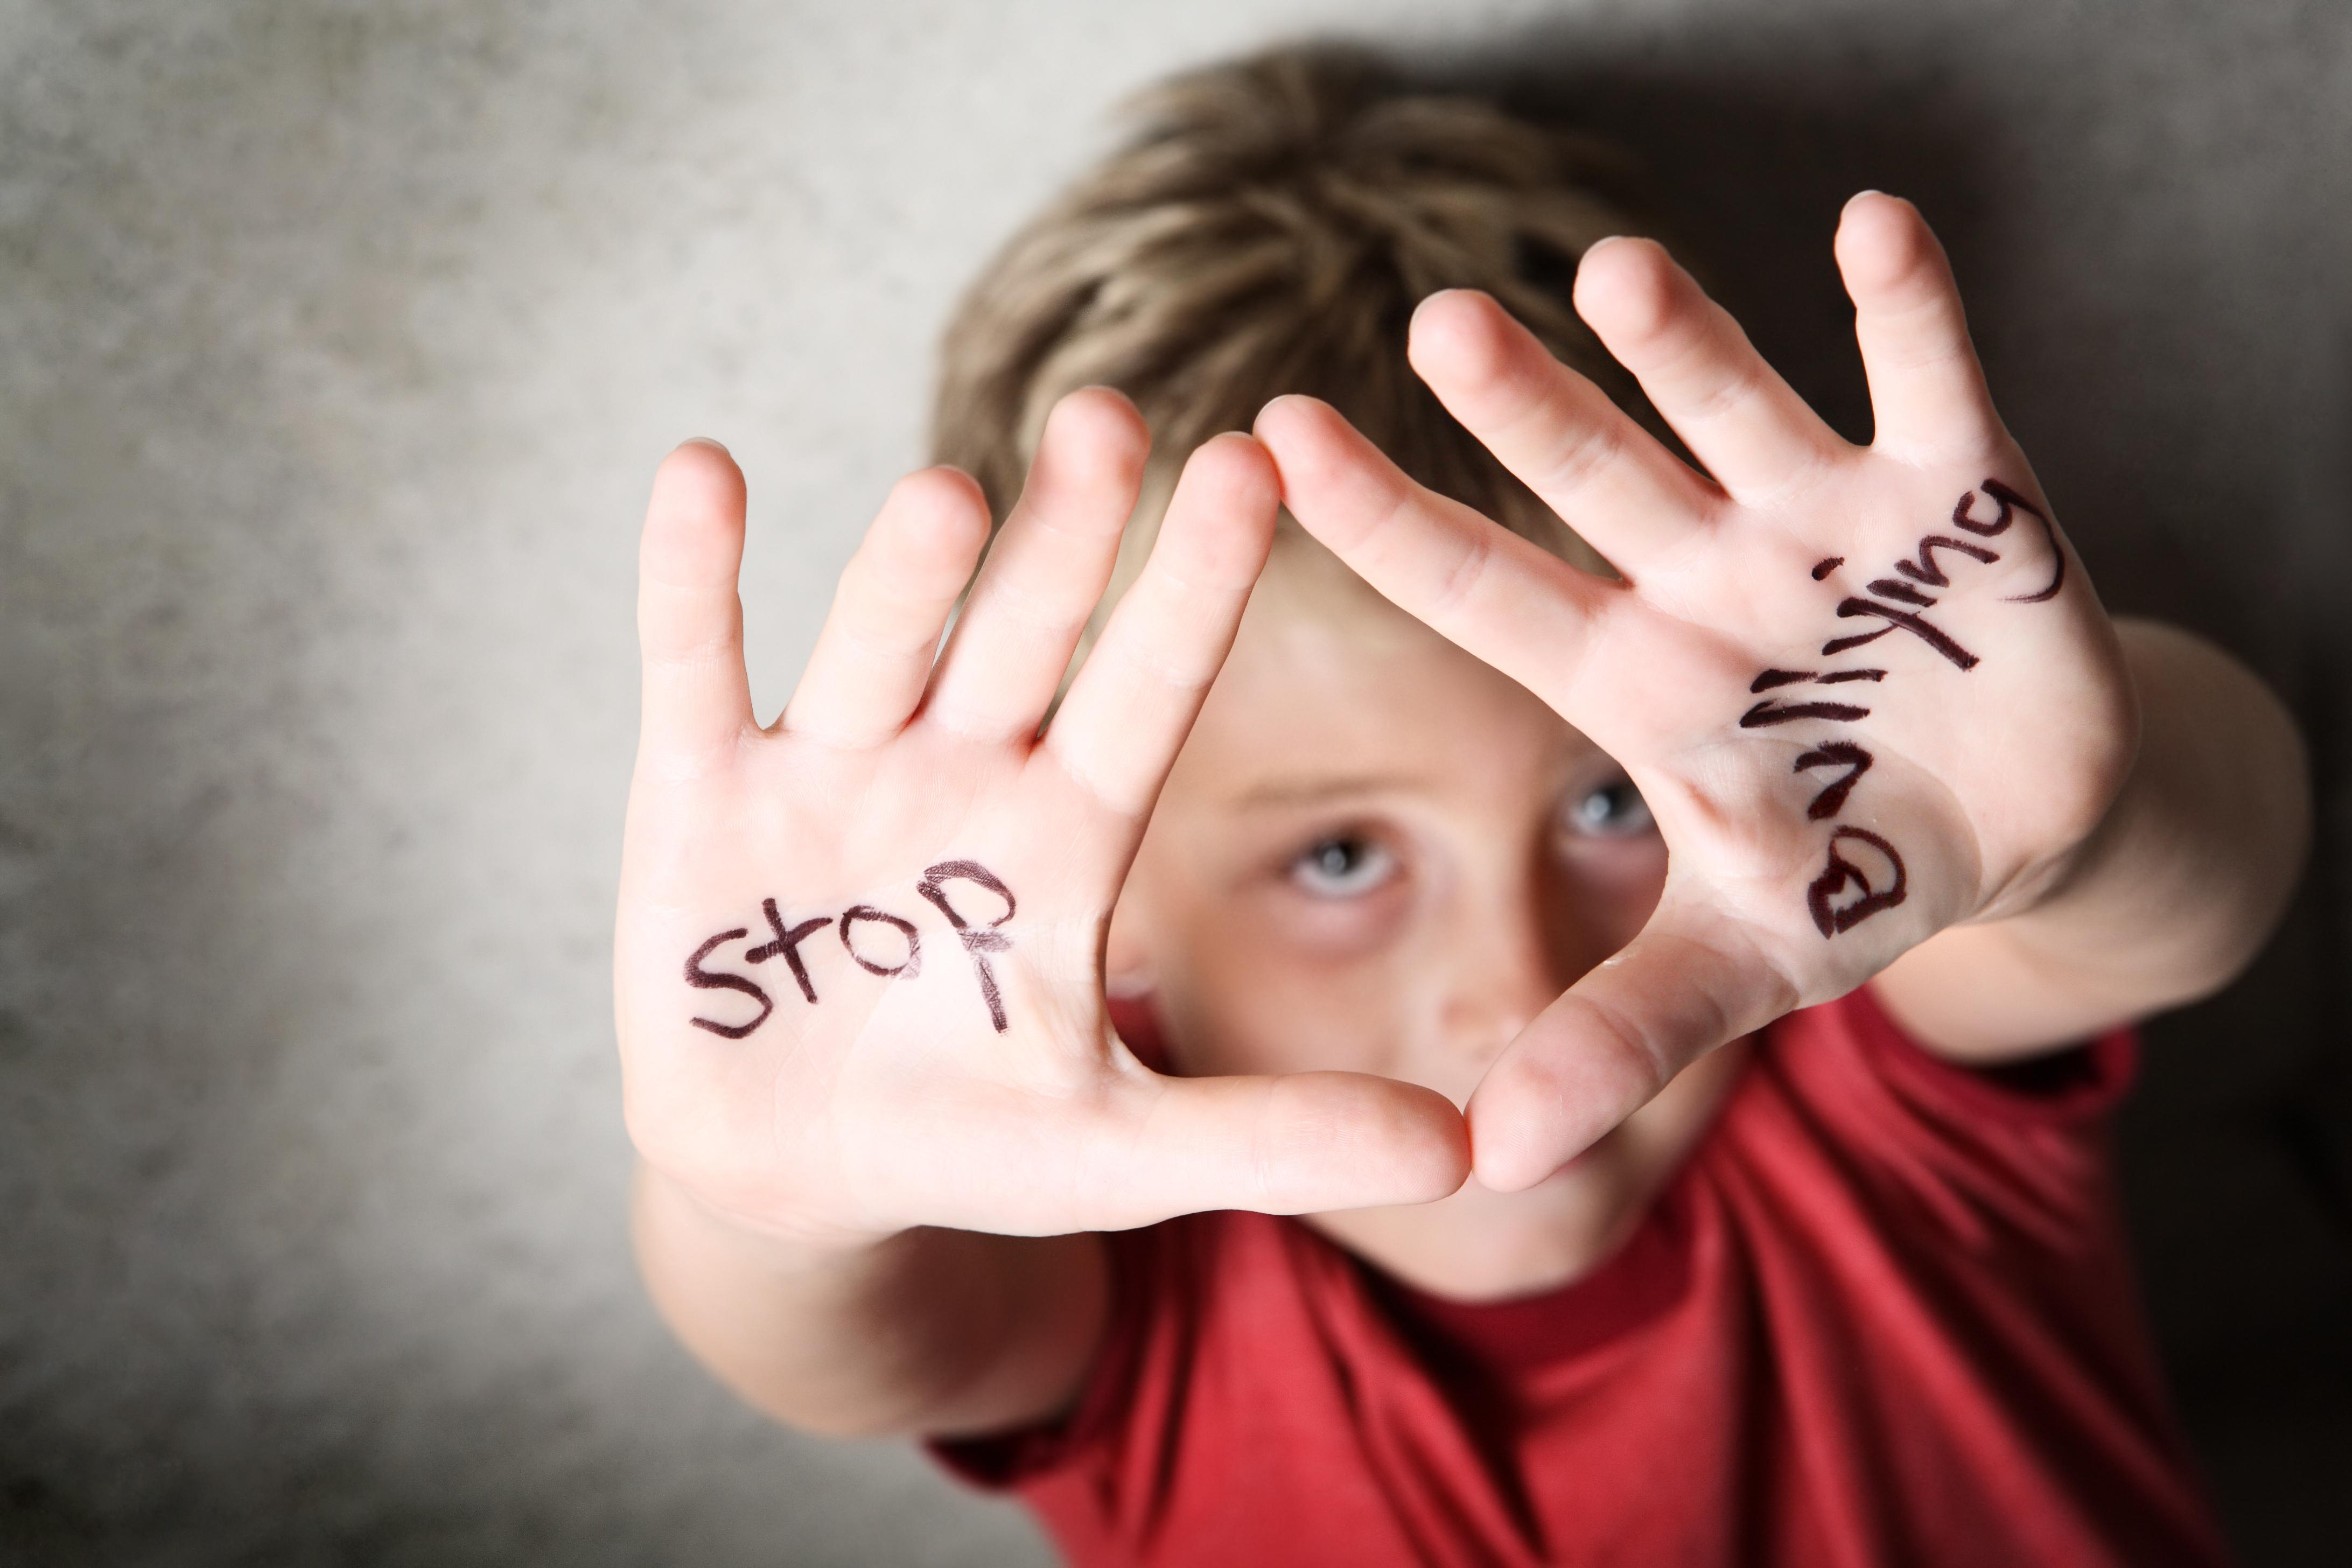 Δημοτικά σχολεία άνοιγμα: Οι επιπτώσεις στον ψυχισμό των παιδιών δημοτικών και νηπίων